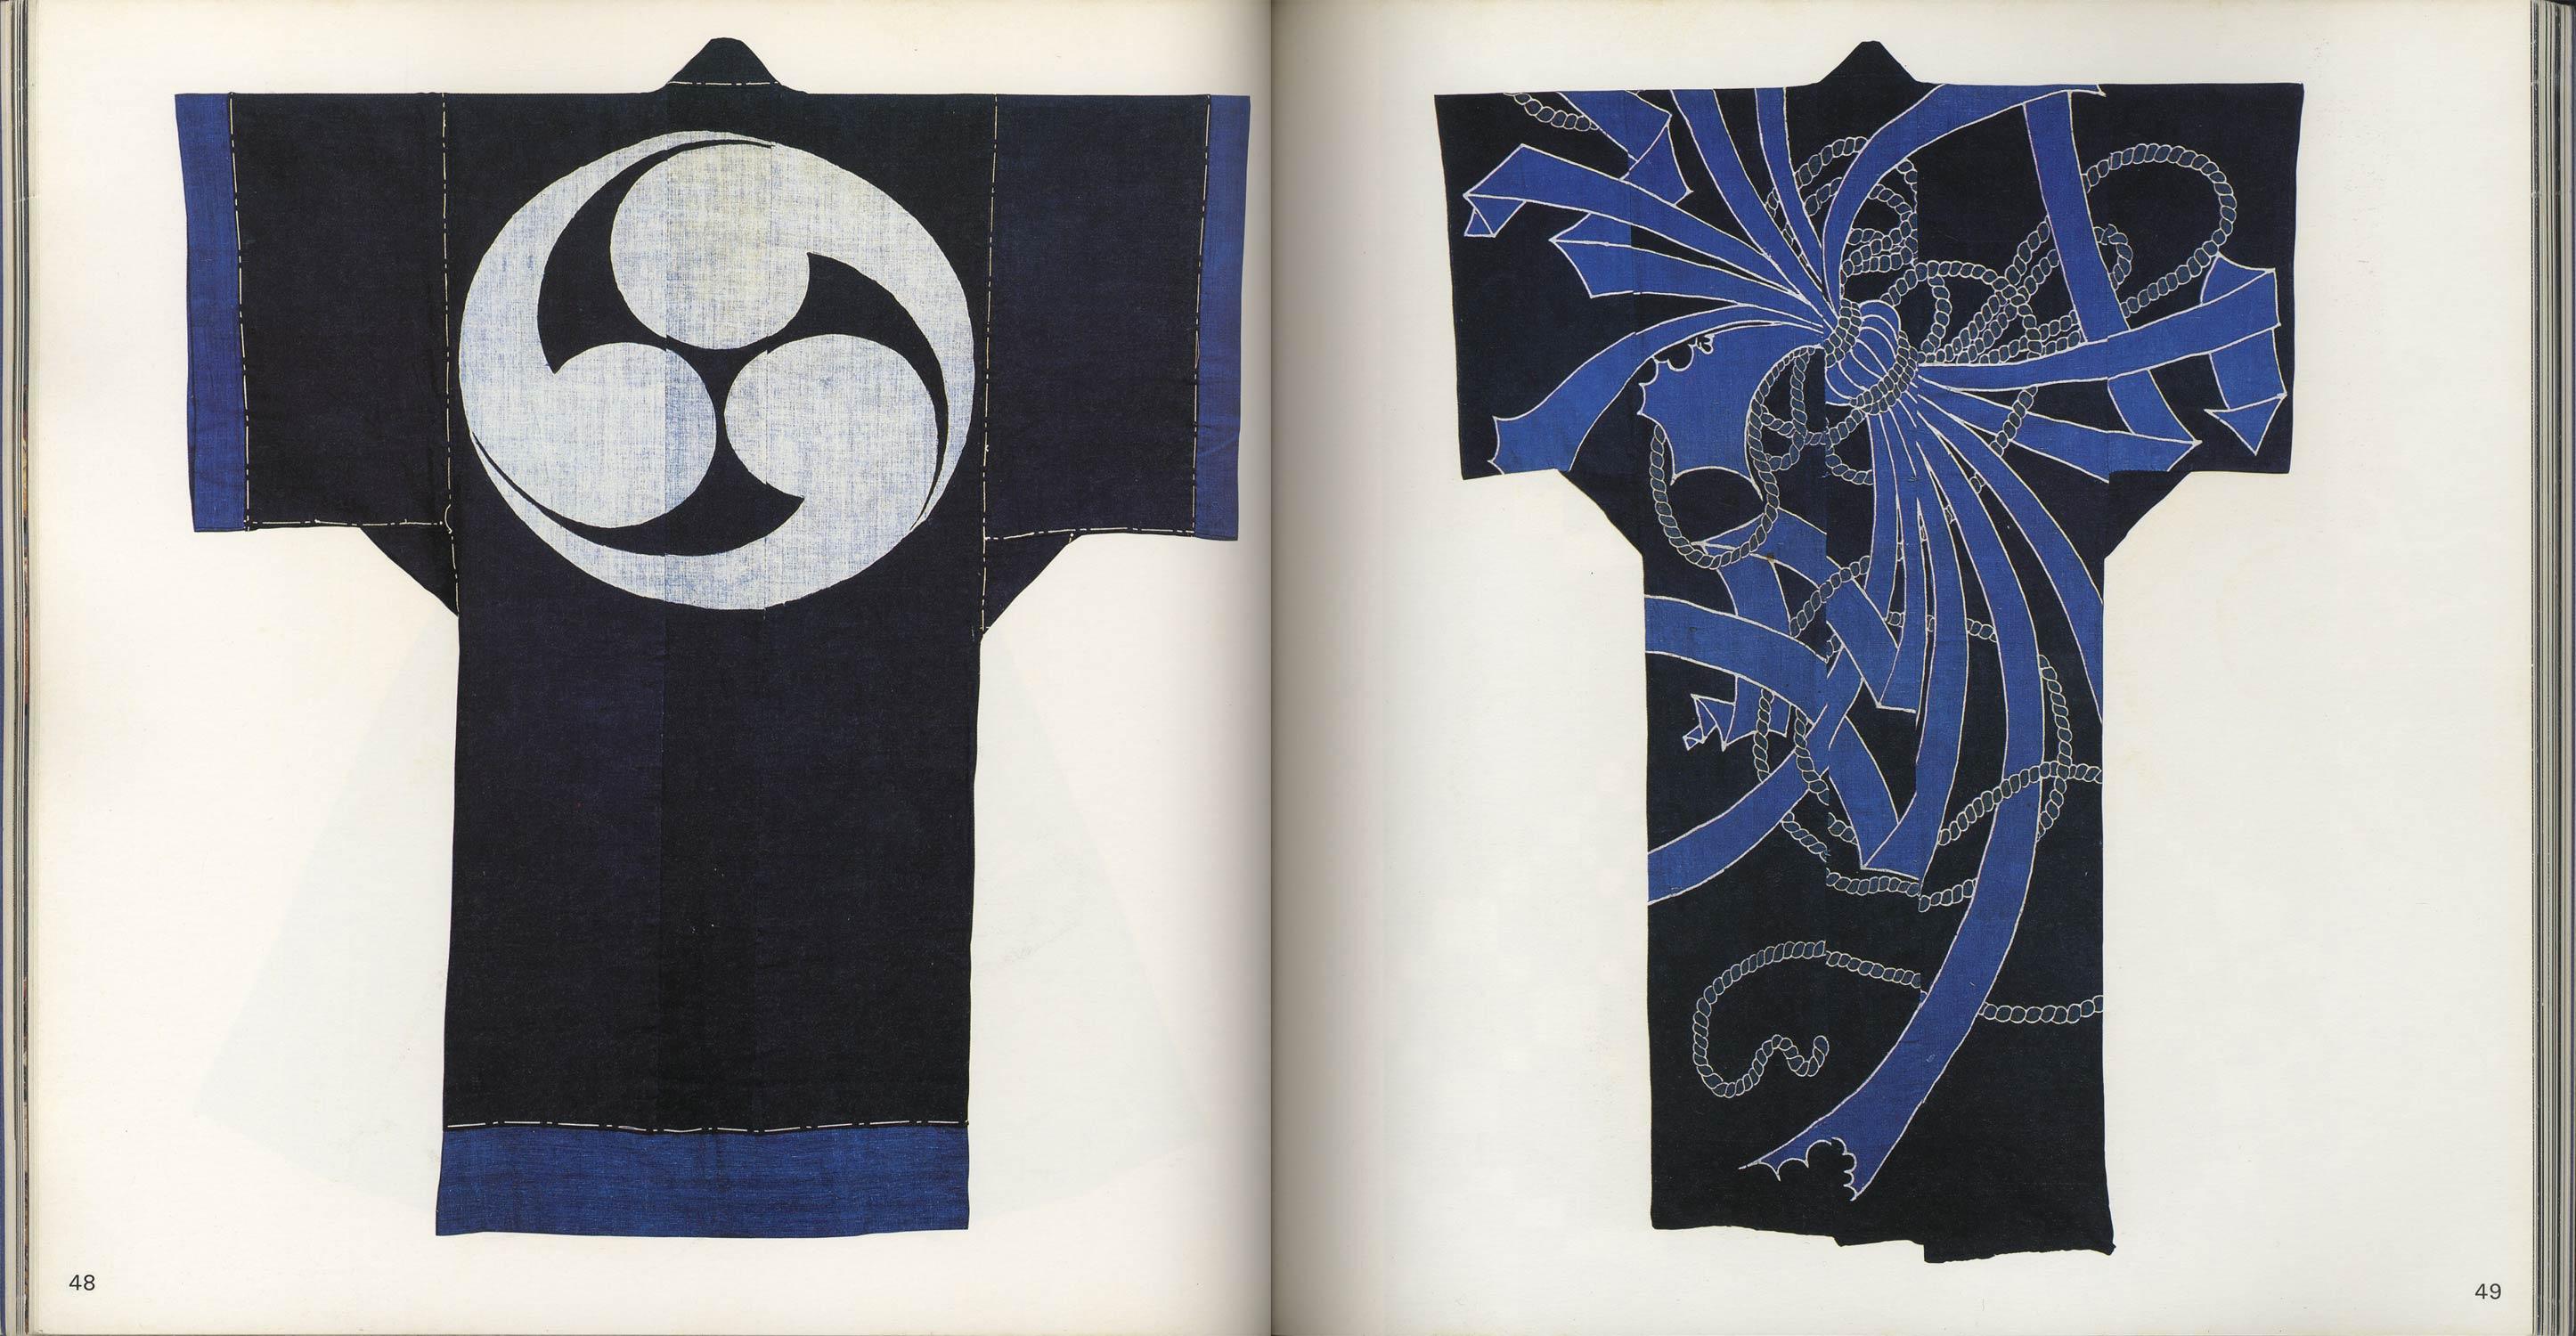 江戸の民芸展 日本民藝館 創立50周年記念[image4]